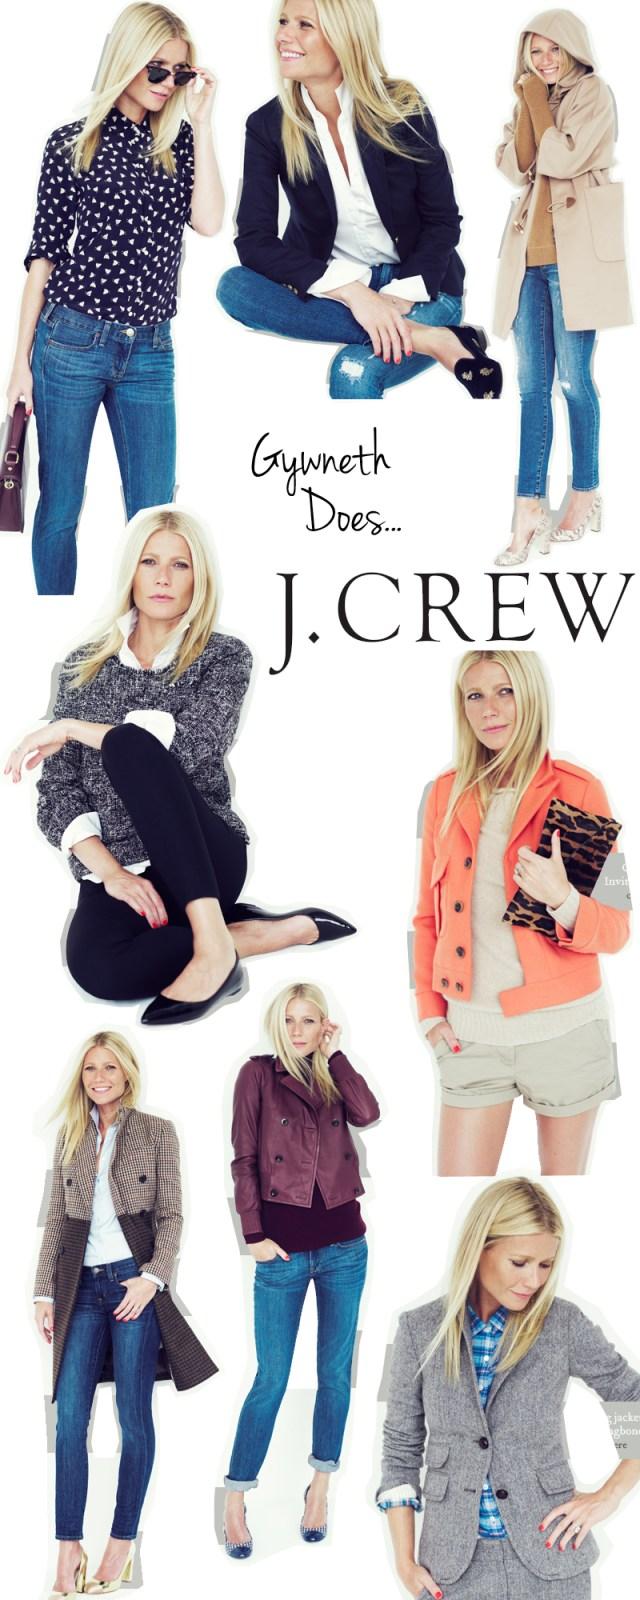 Gwyneth Paltrow for J.Crew